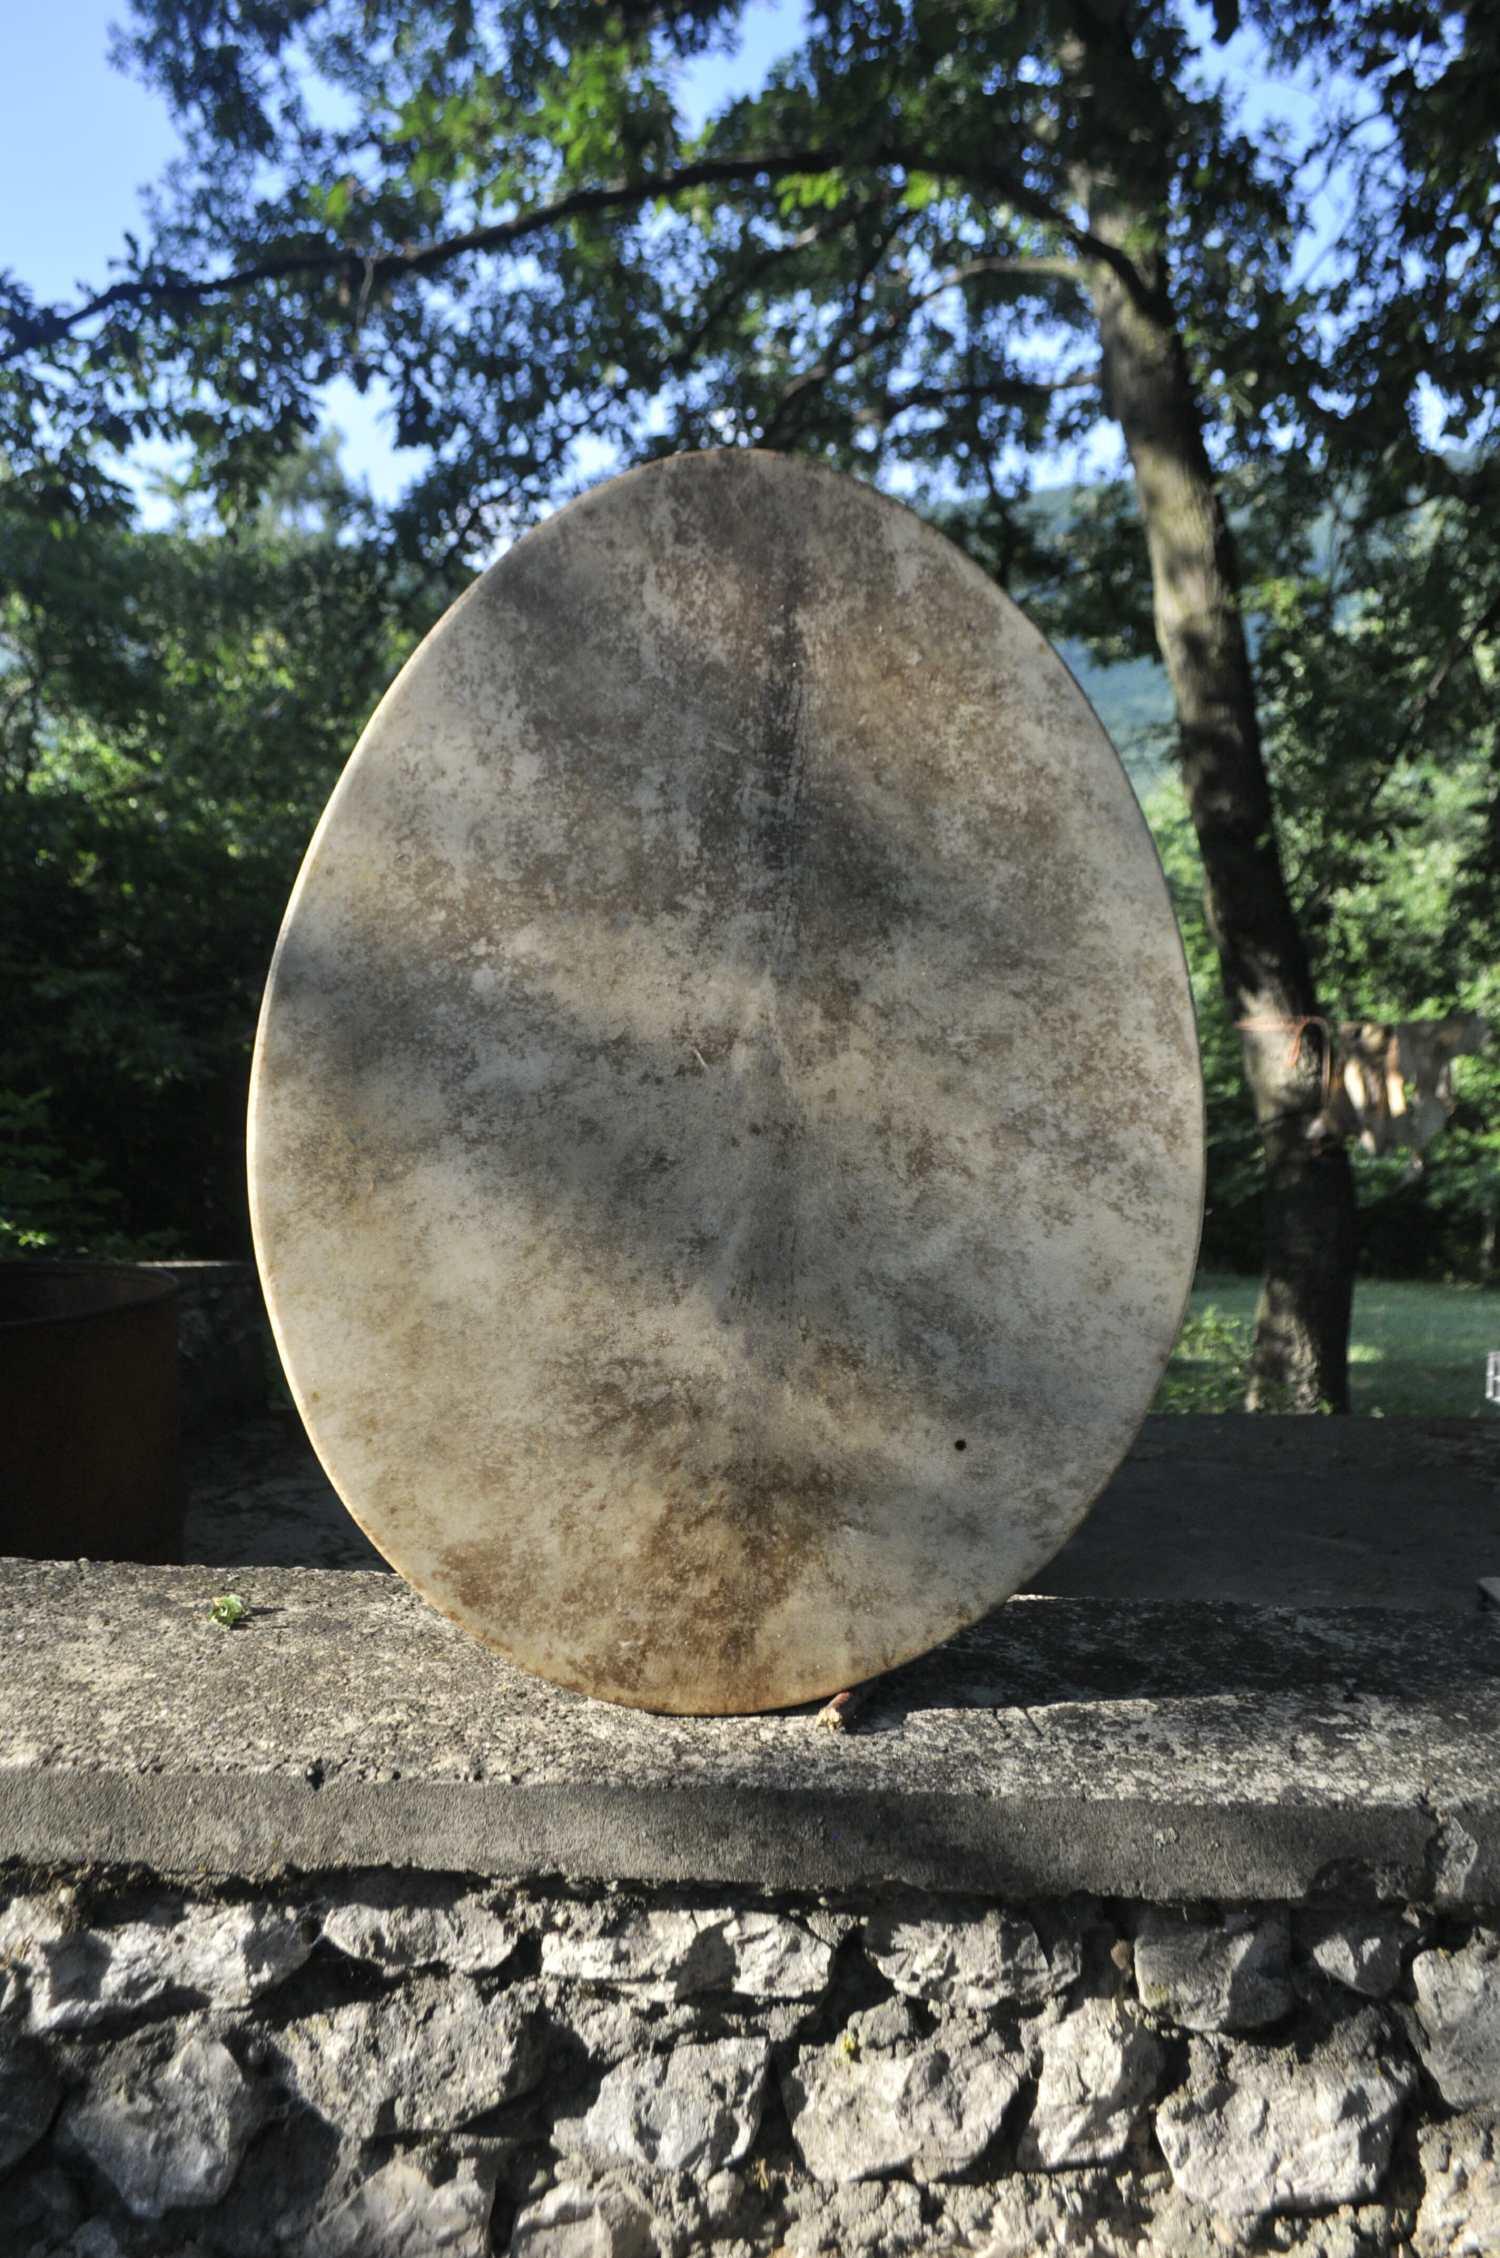 Saami shaman drum